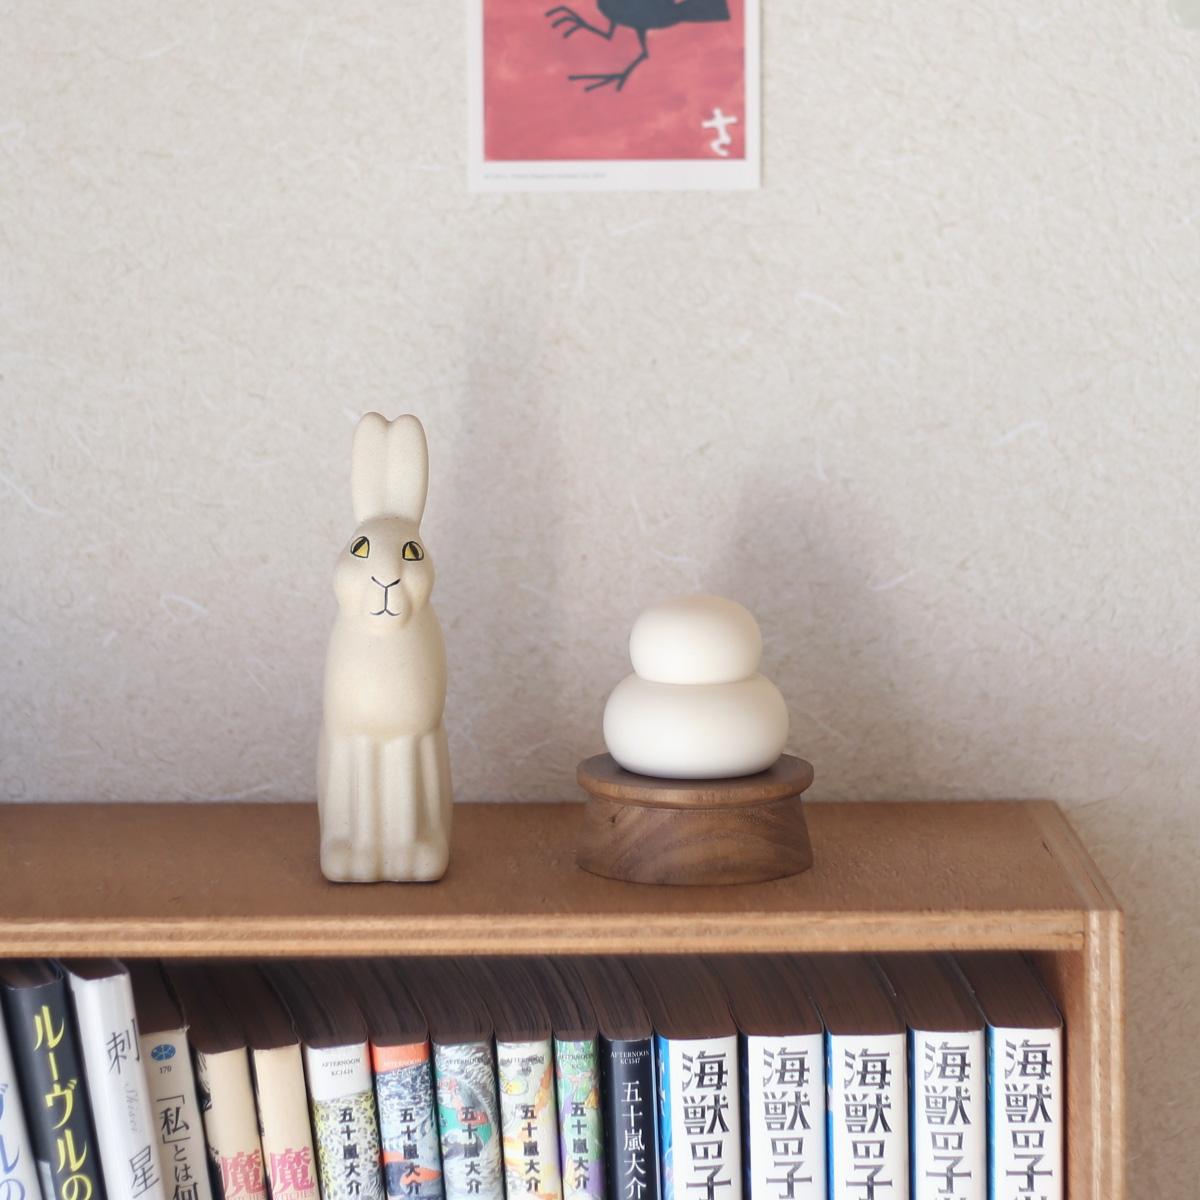 桜井こけし店 木製鏡餅飾り お正月飾り おしゃれ かわいい